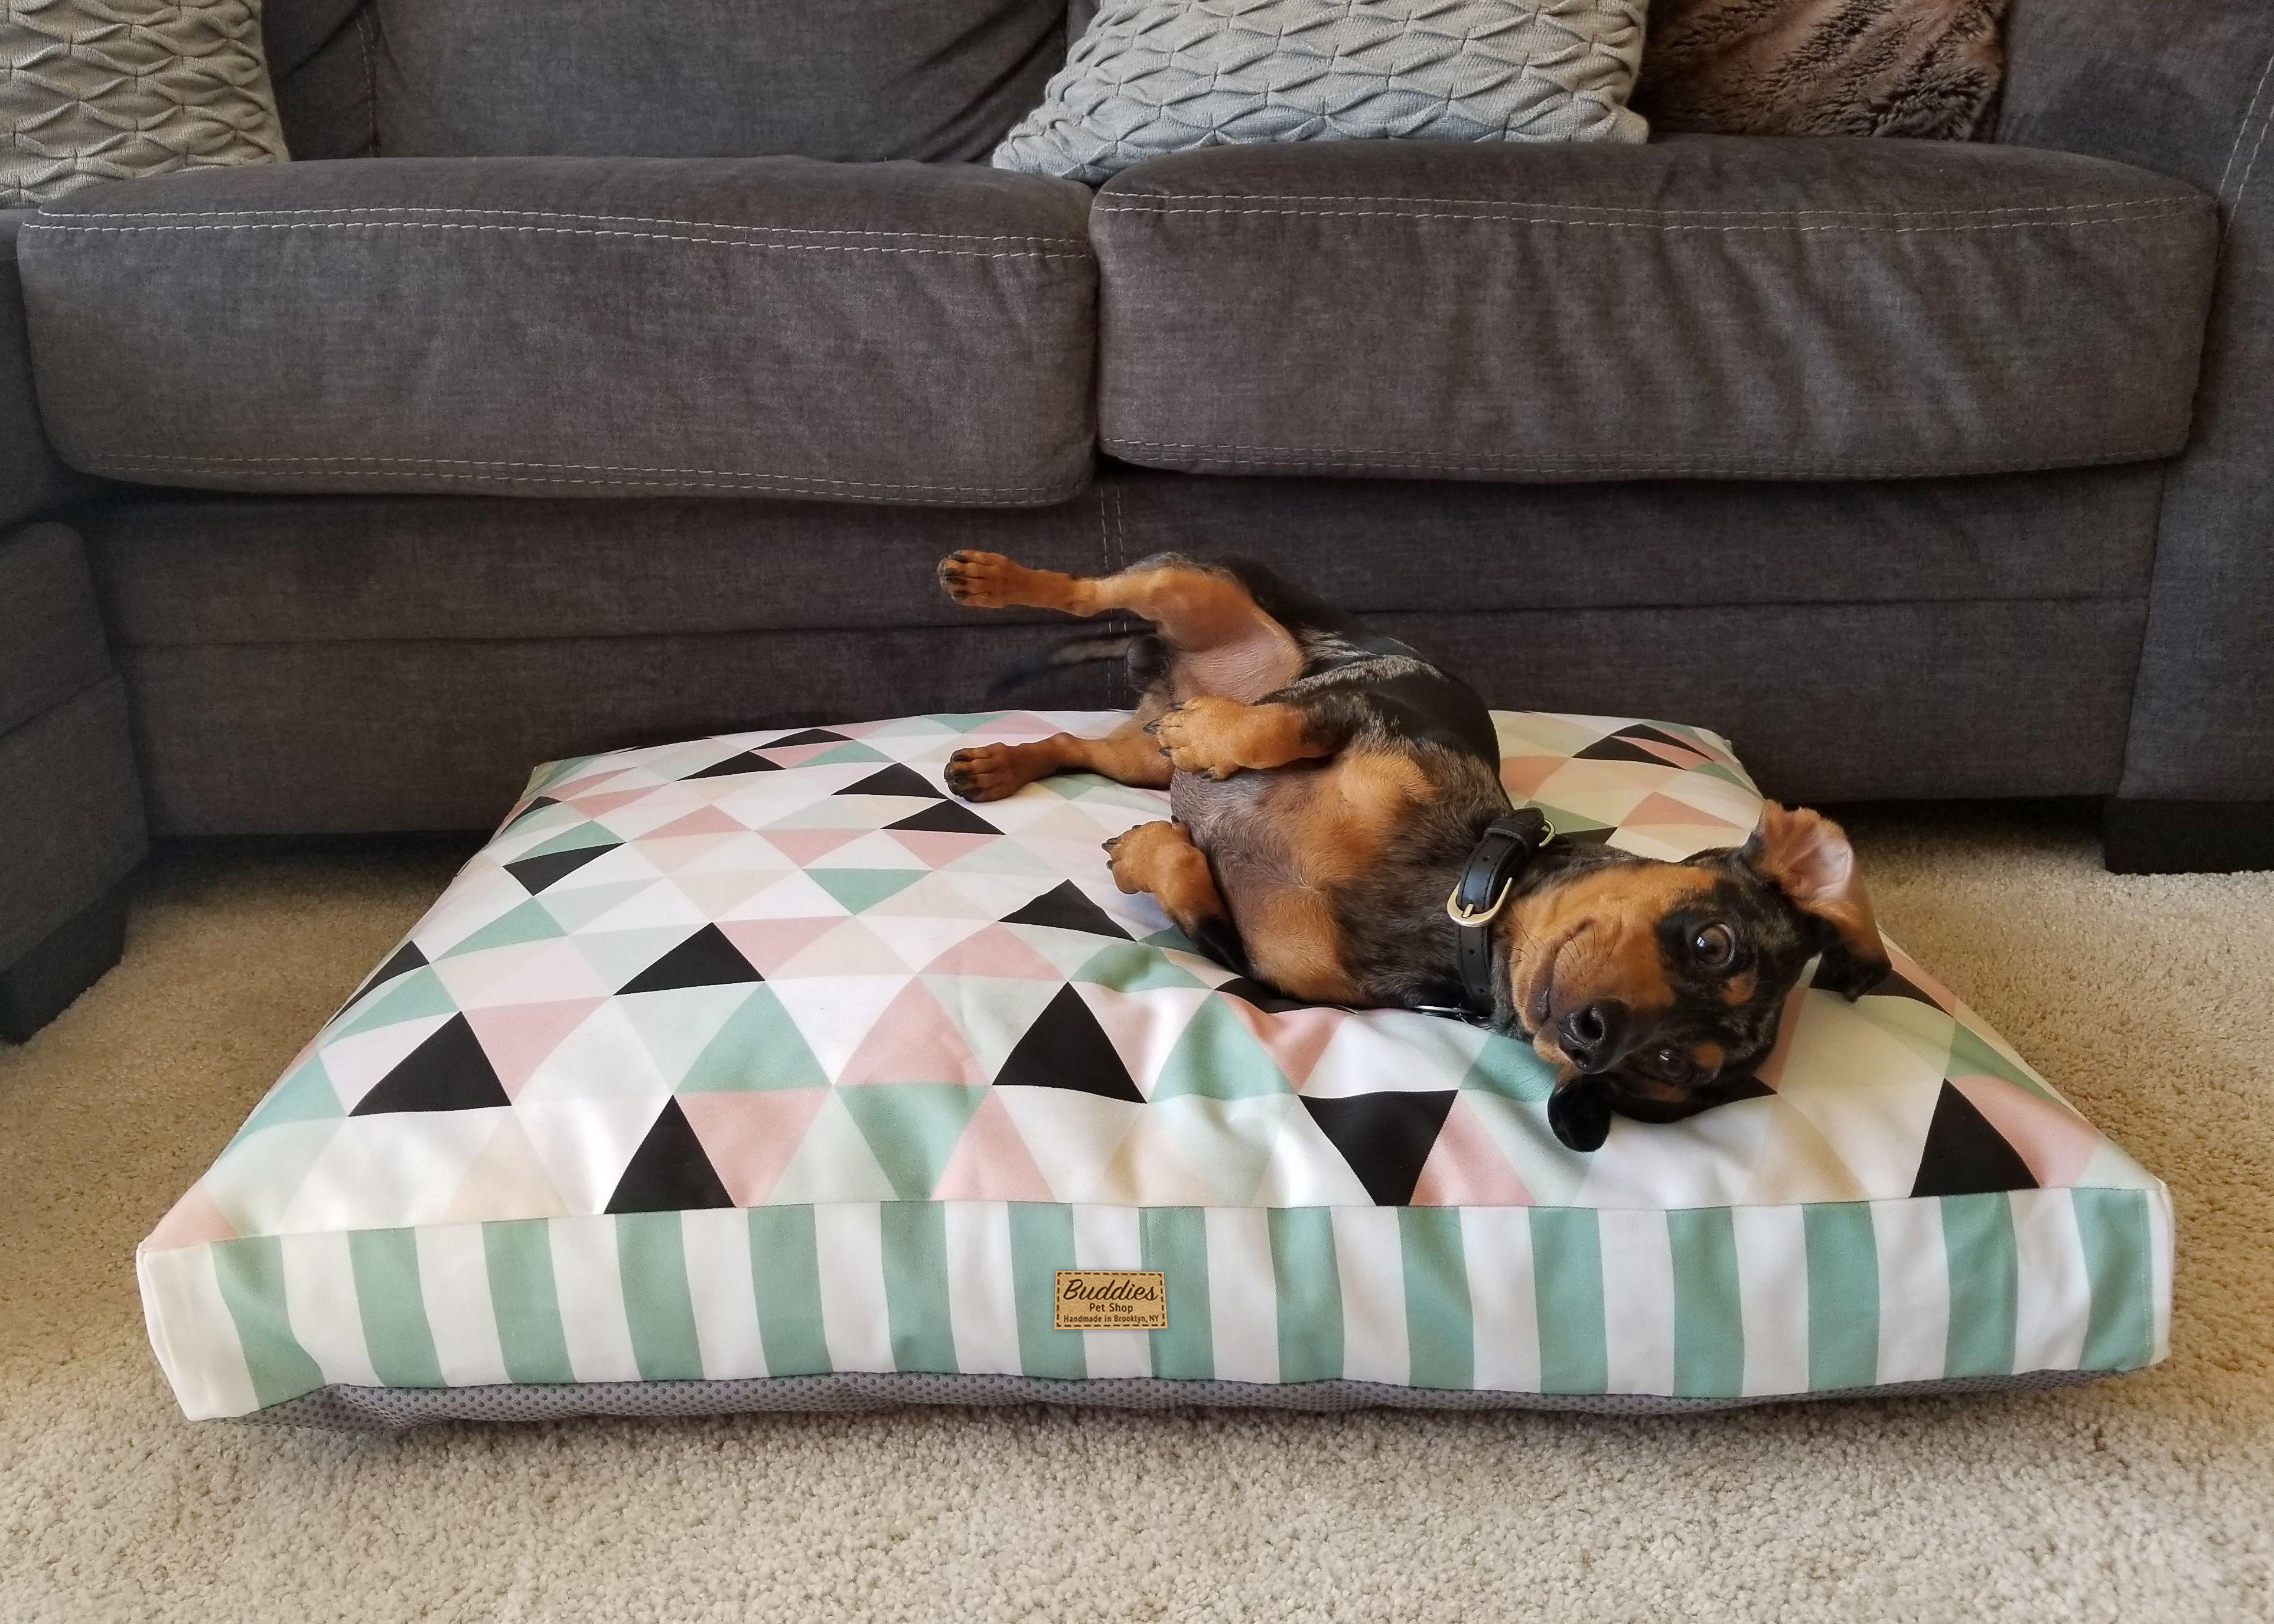 com super walmart bed foam clay orthopedic dog petmaker removable pet ip cover